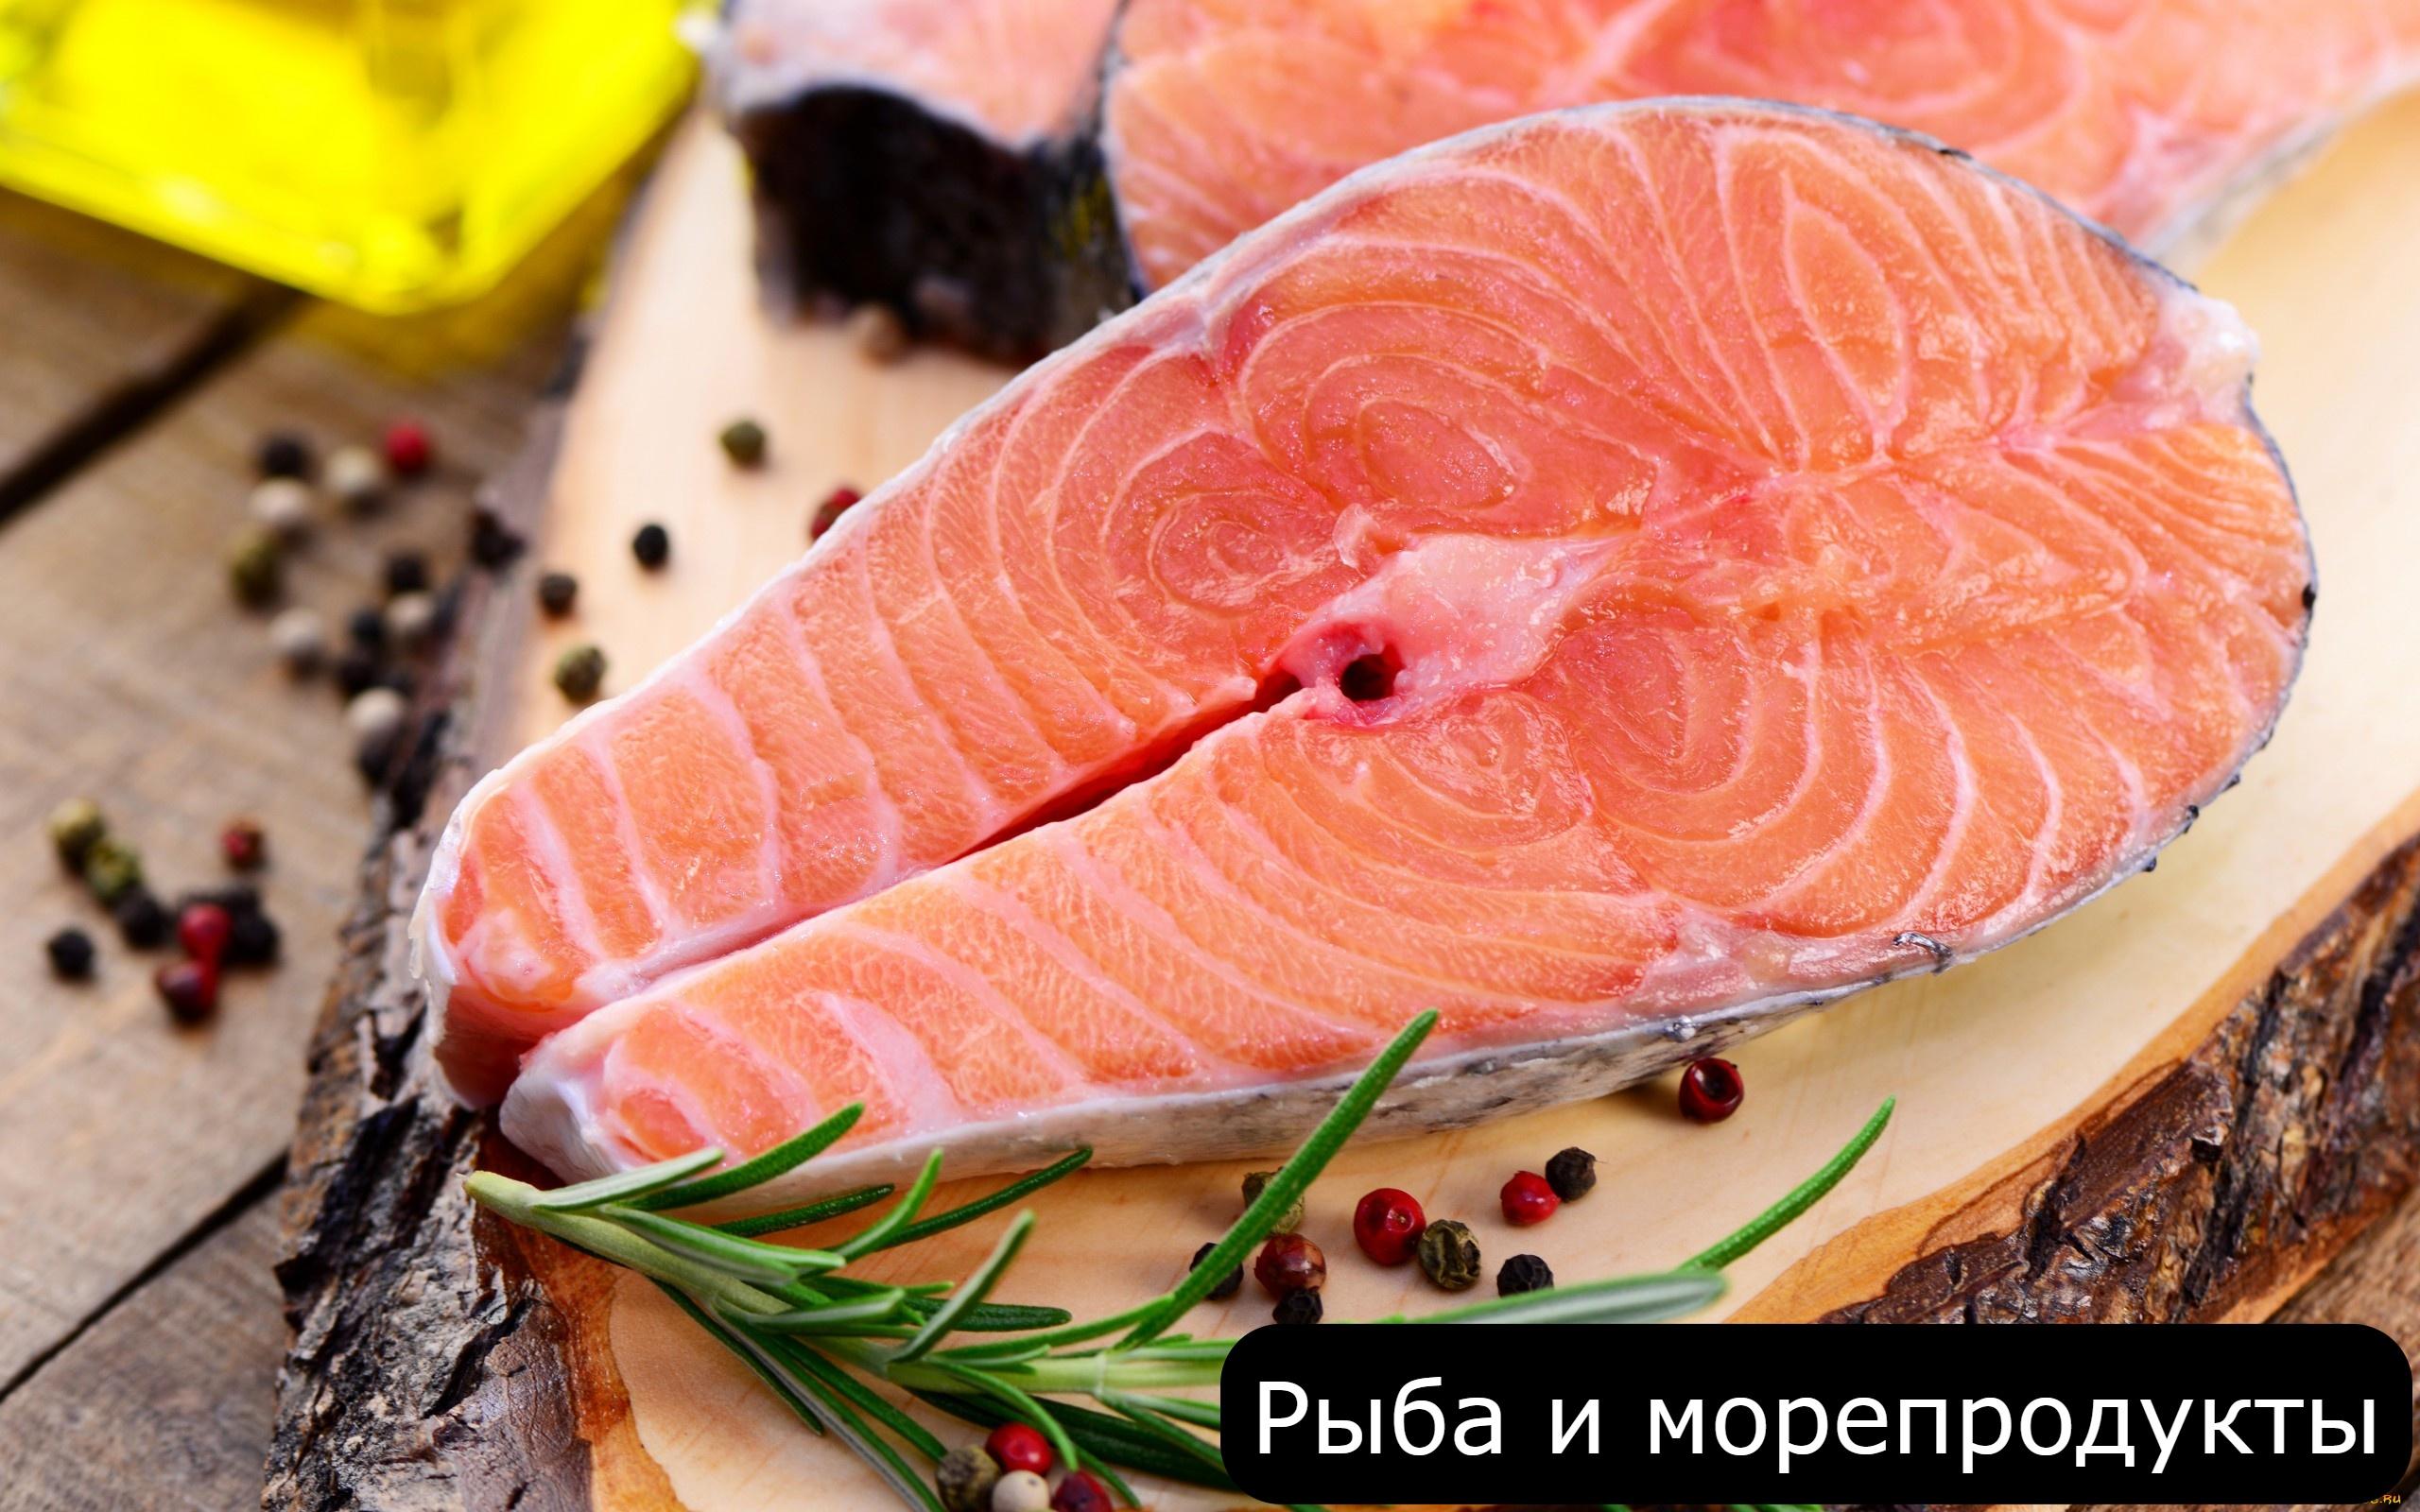 Цены на рыбу в Болгарии